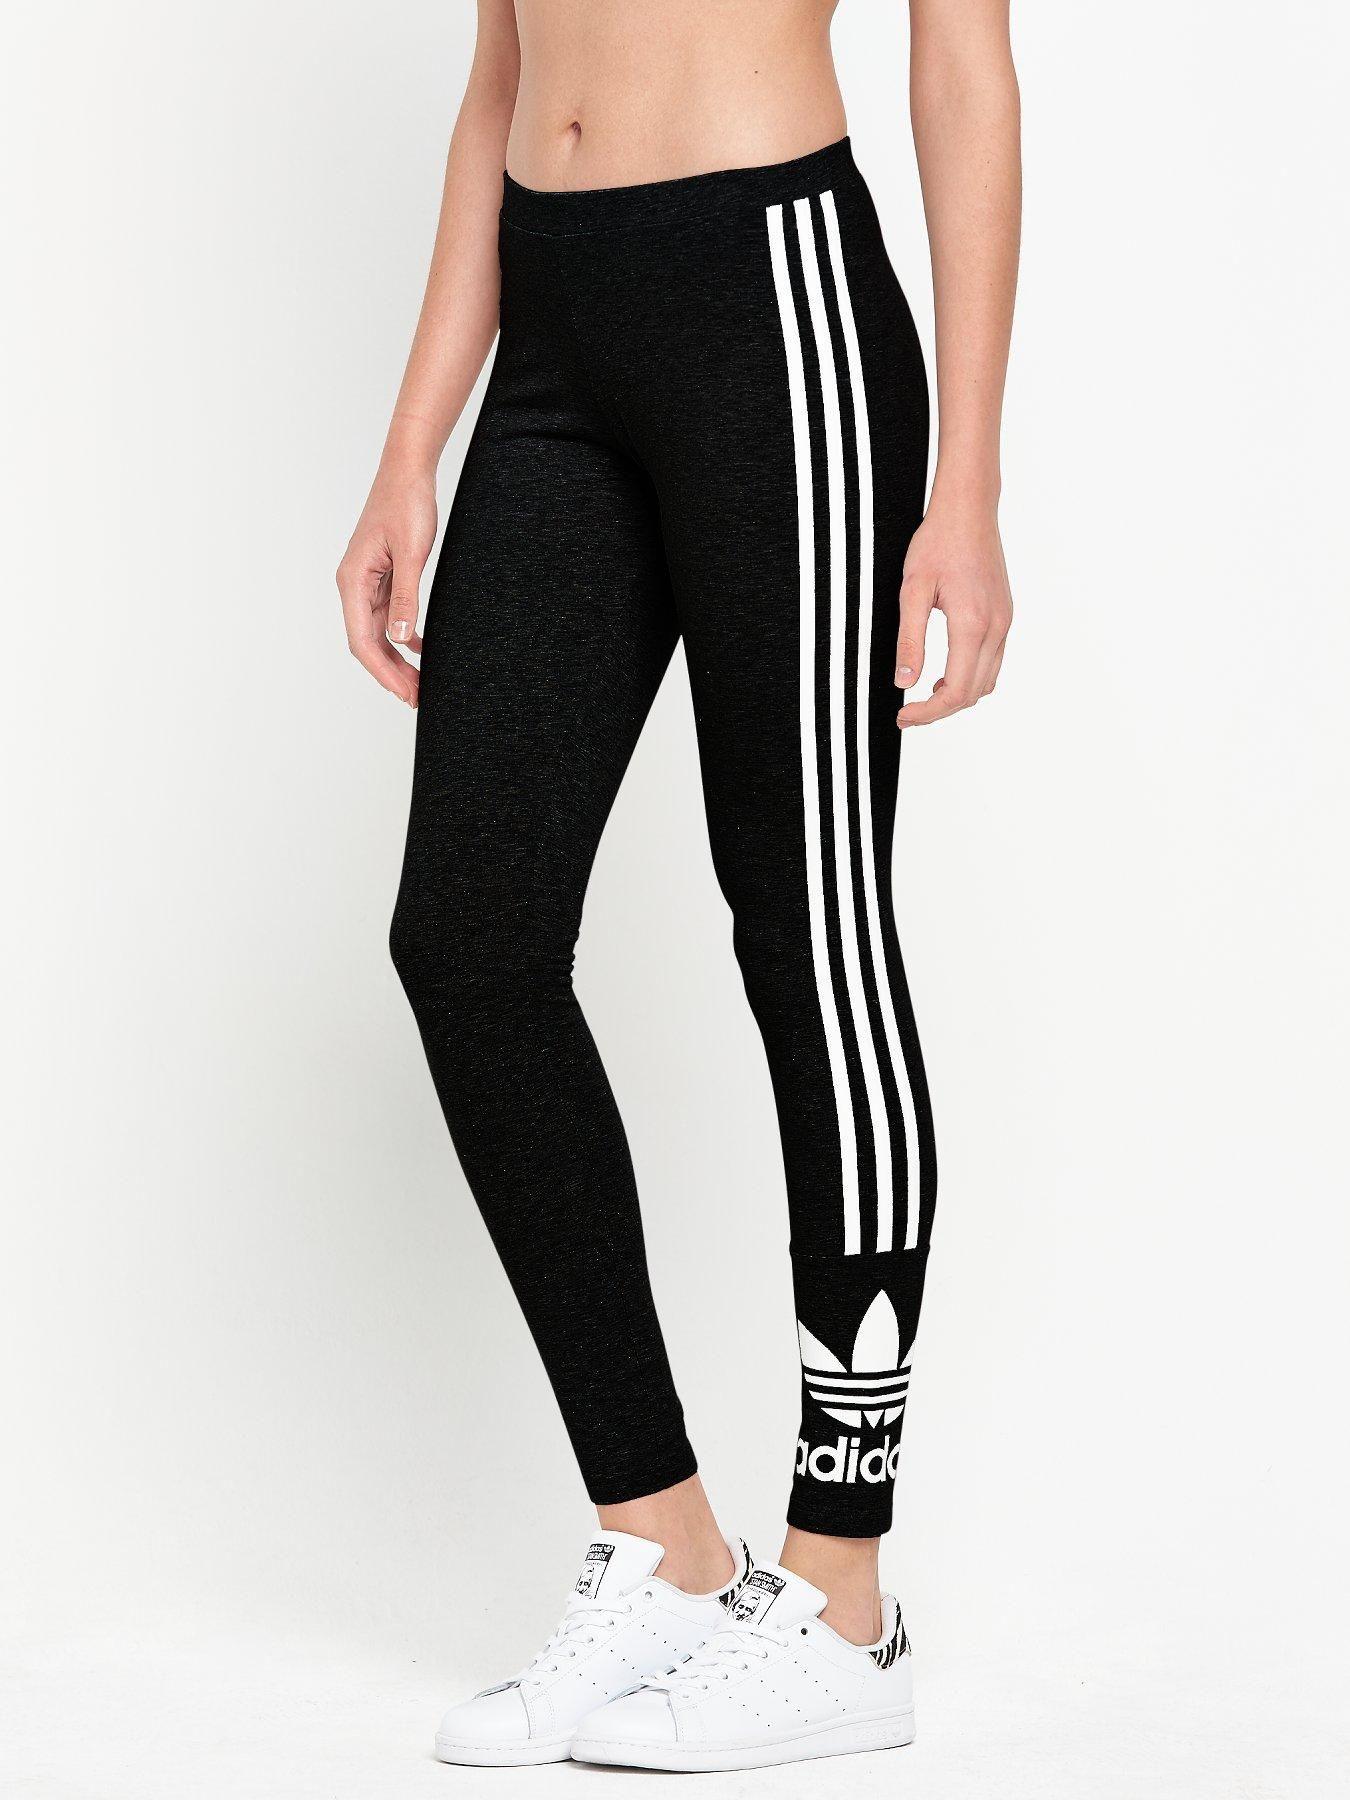 adidas leggings plus